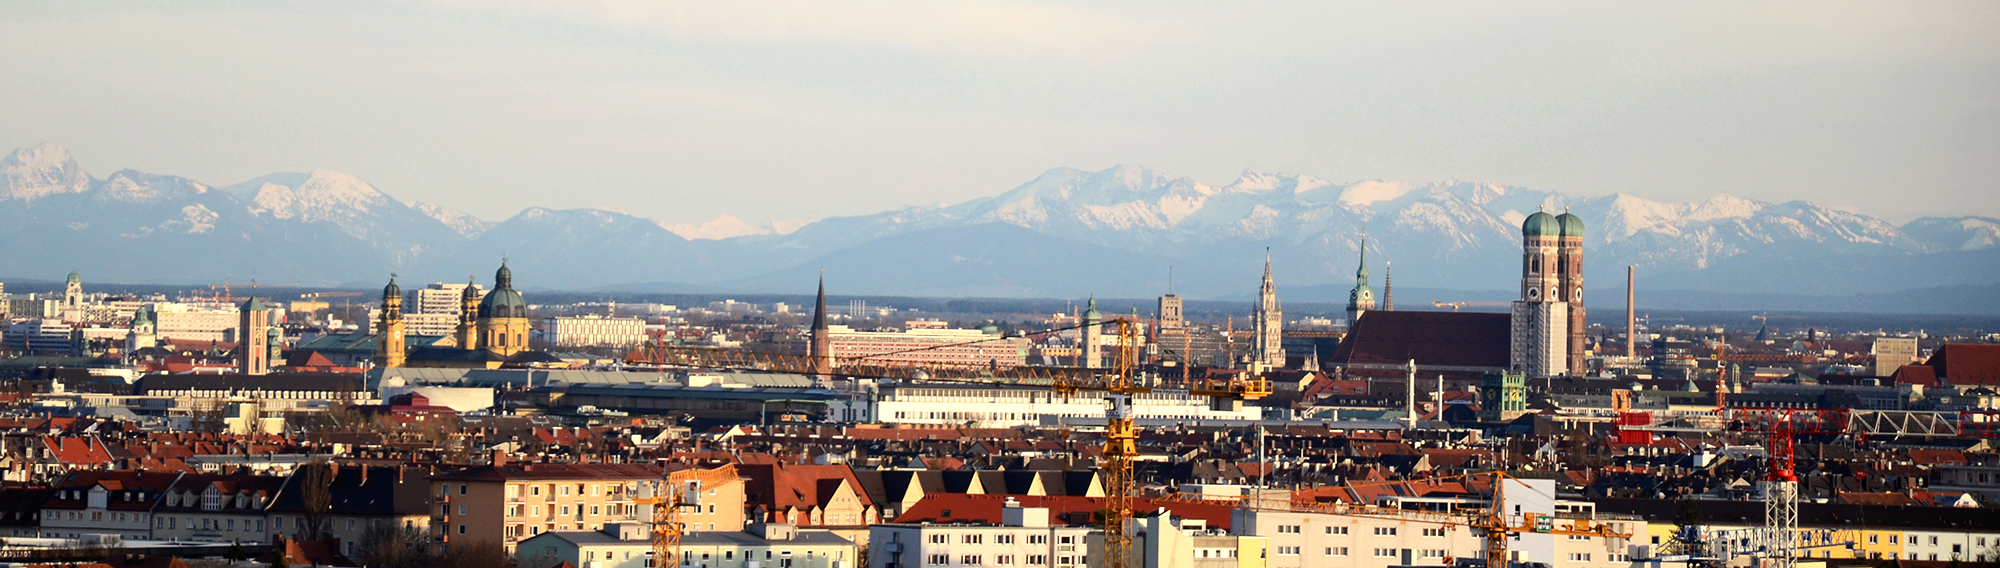 tourism in Munich